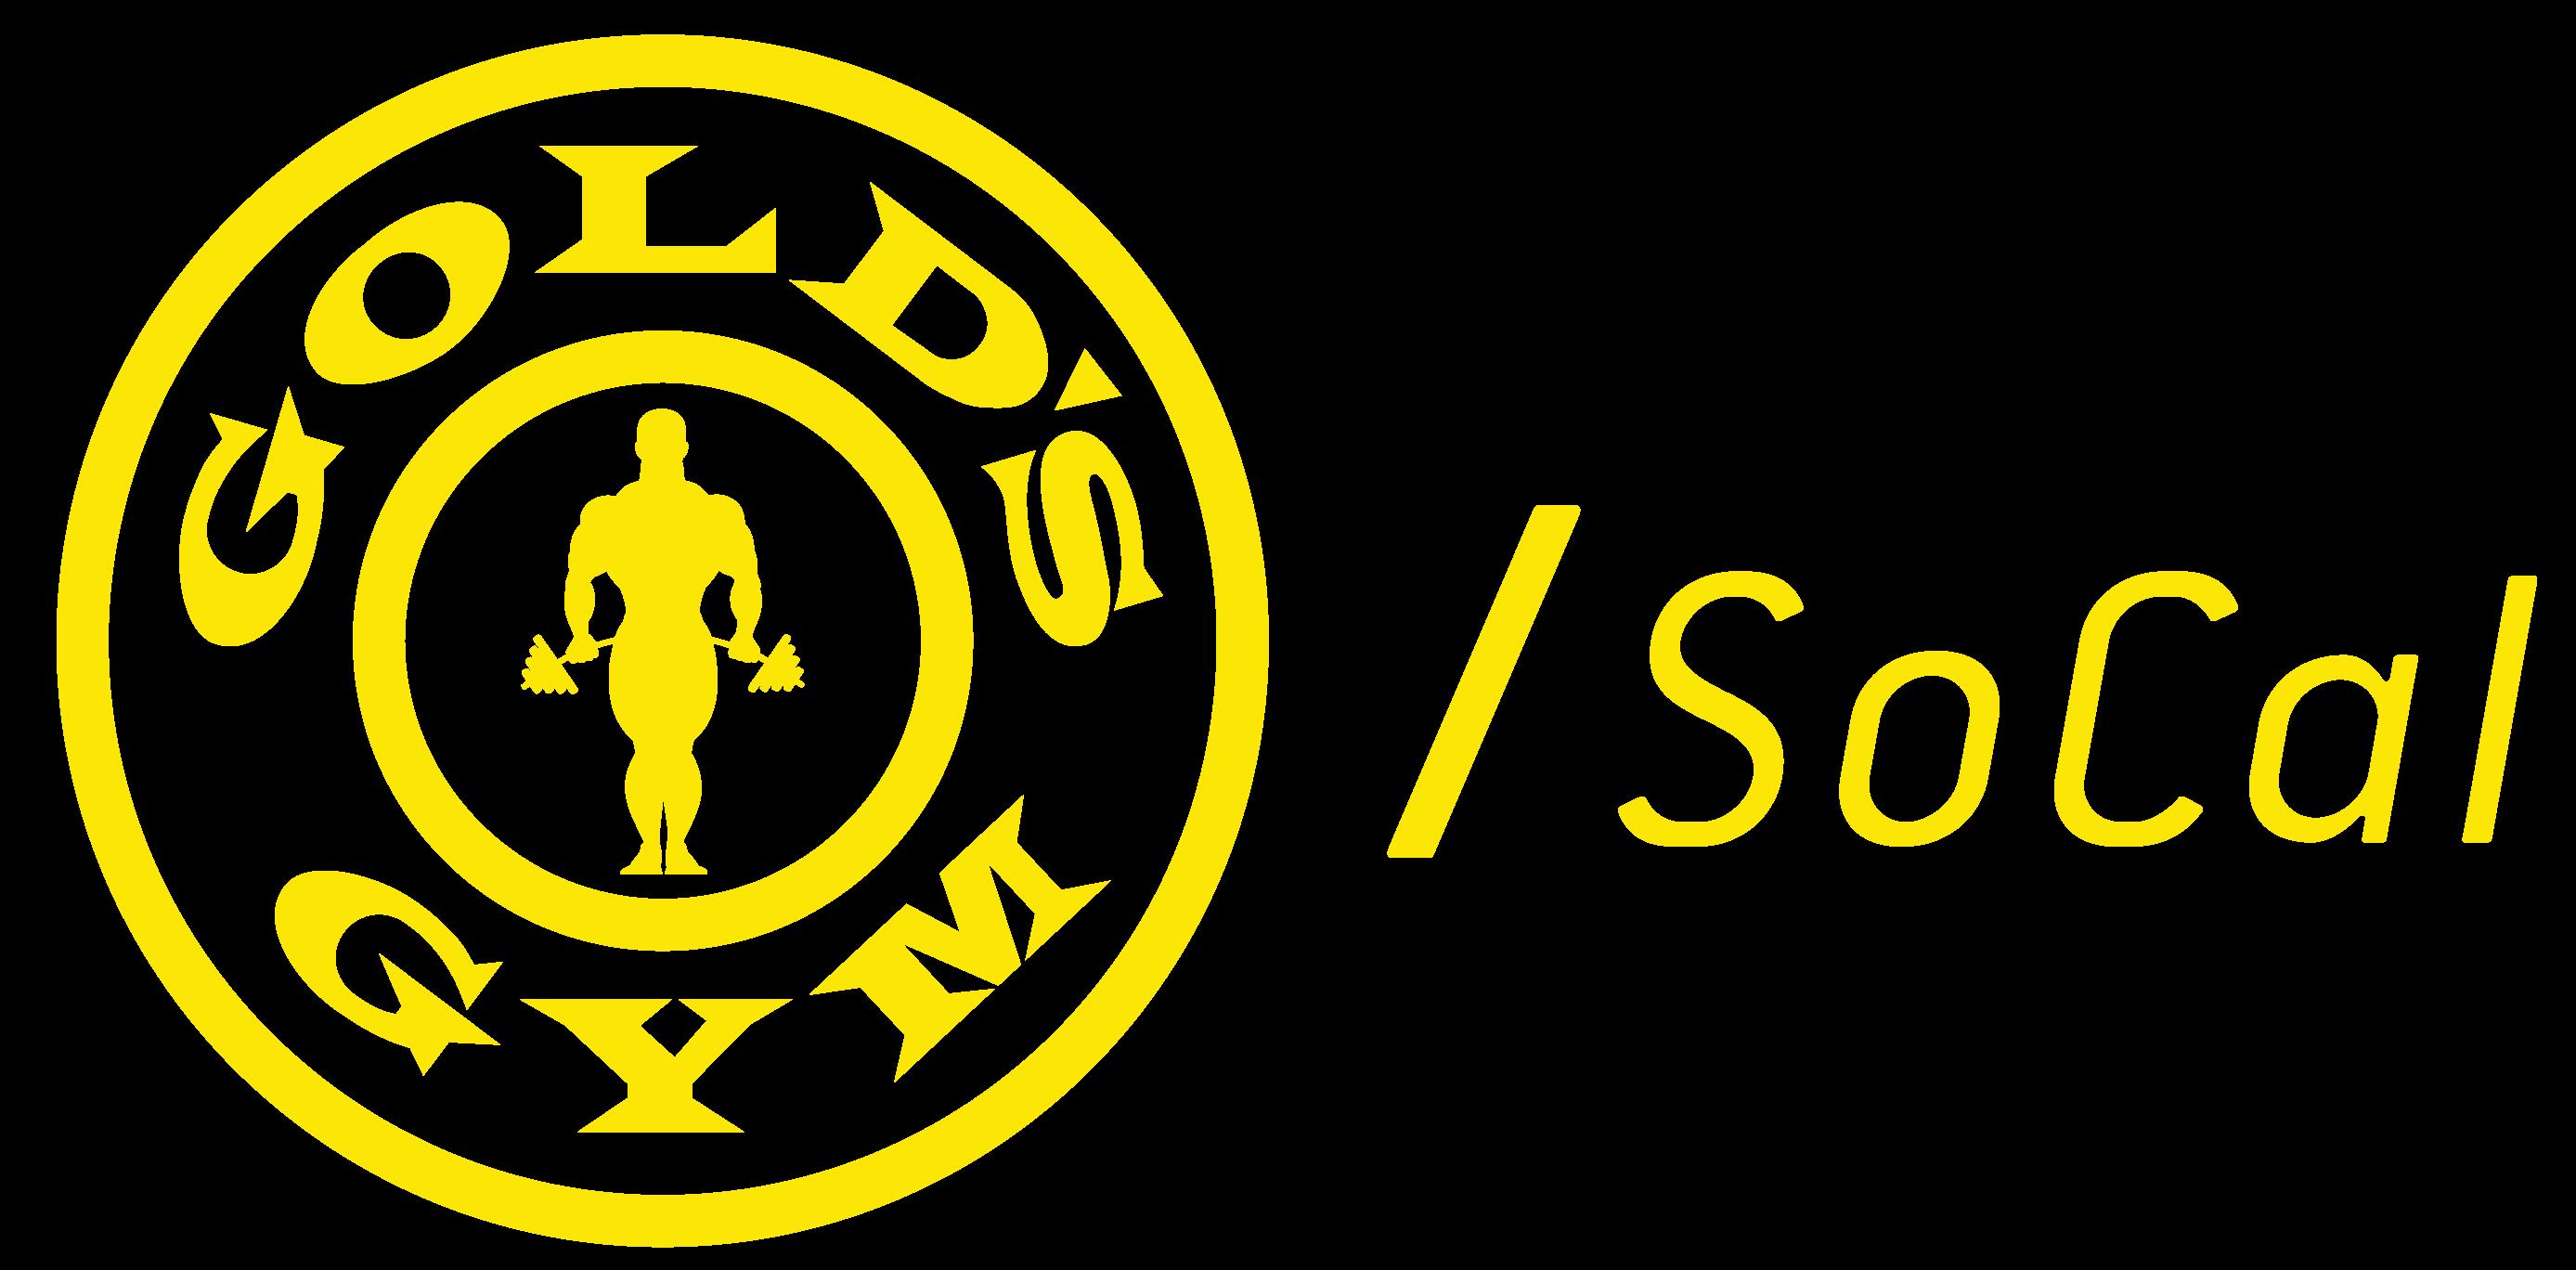 GGSC_LOGOs_yellow.png